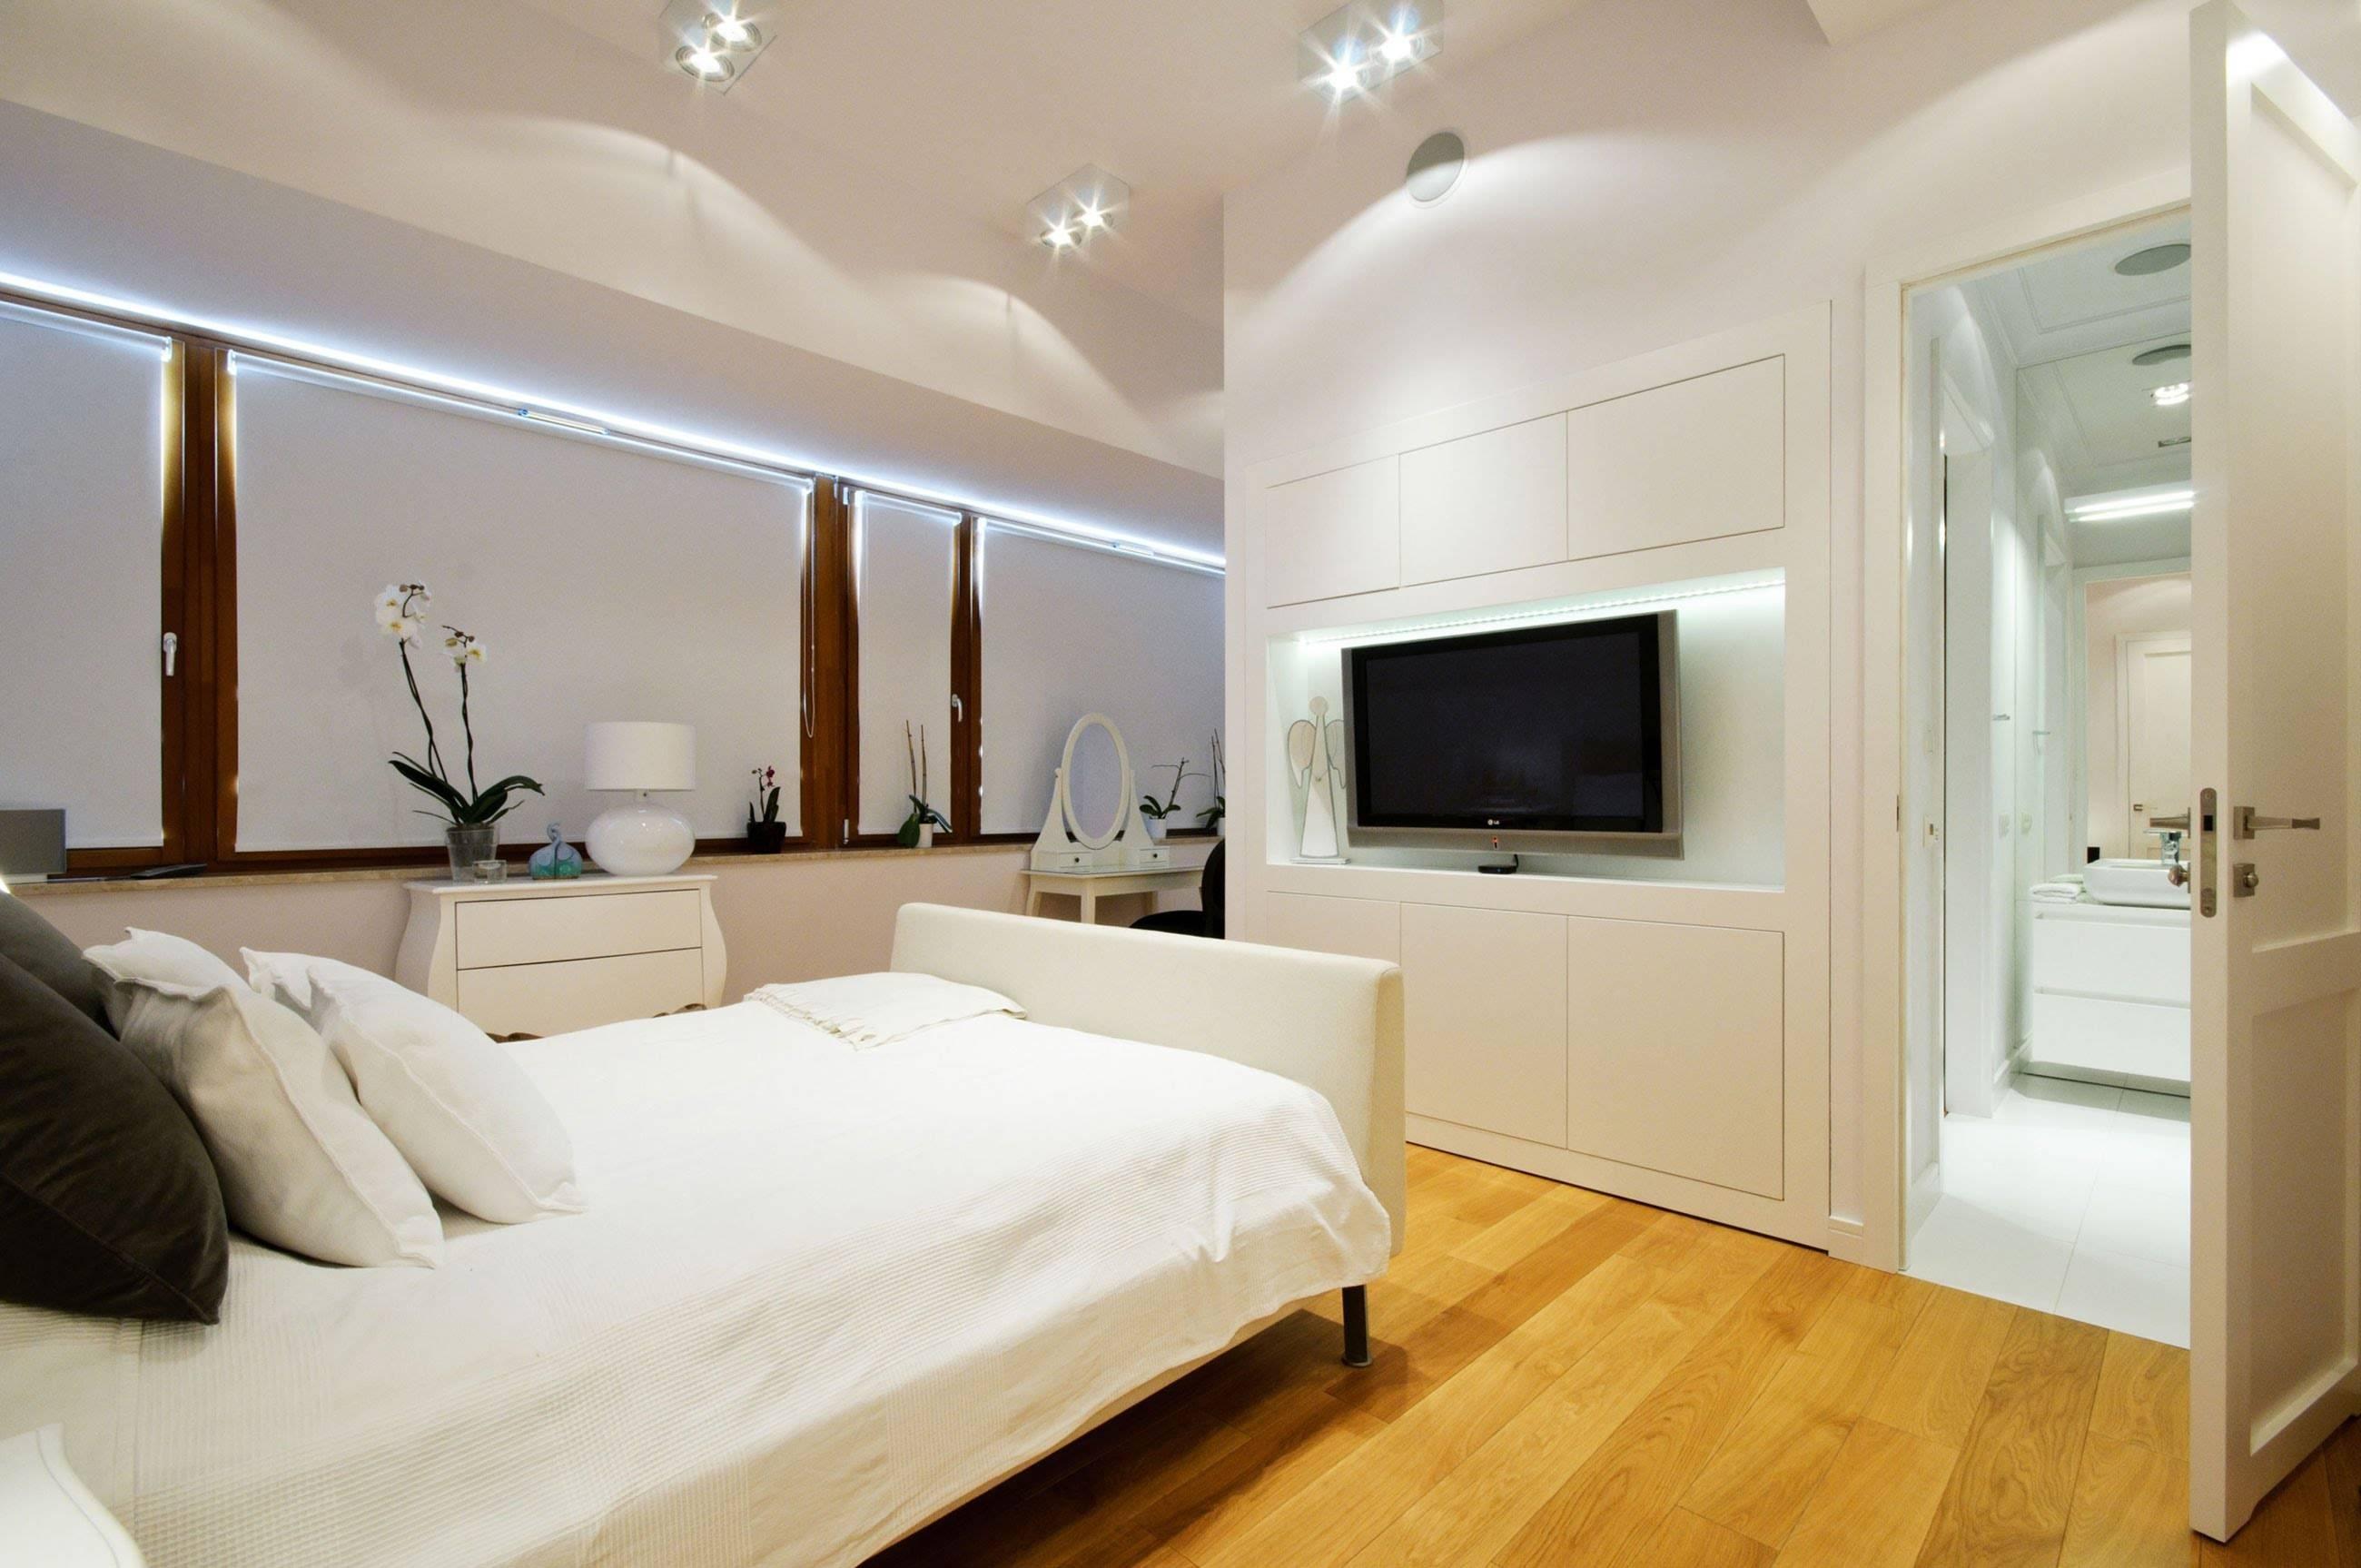 Bedroom Tv Stand | Bedroom Tv Stands Corner – Youtube With Bedroom Tv Shelves (View 6 of 15)